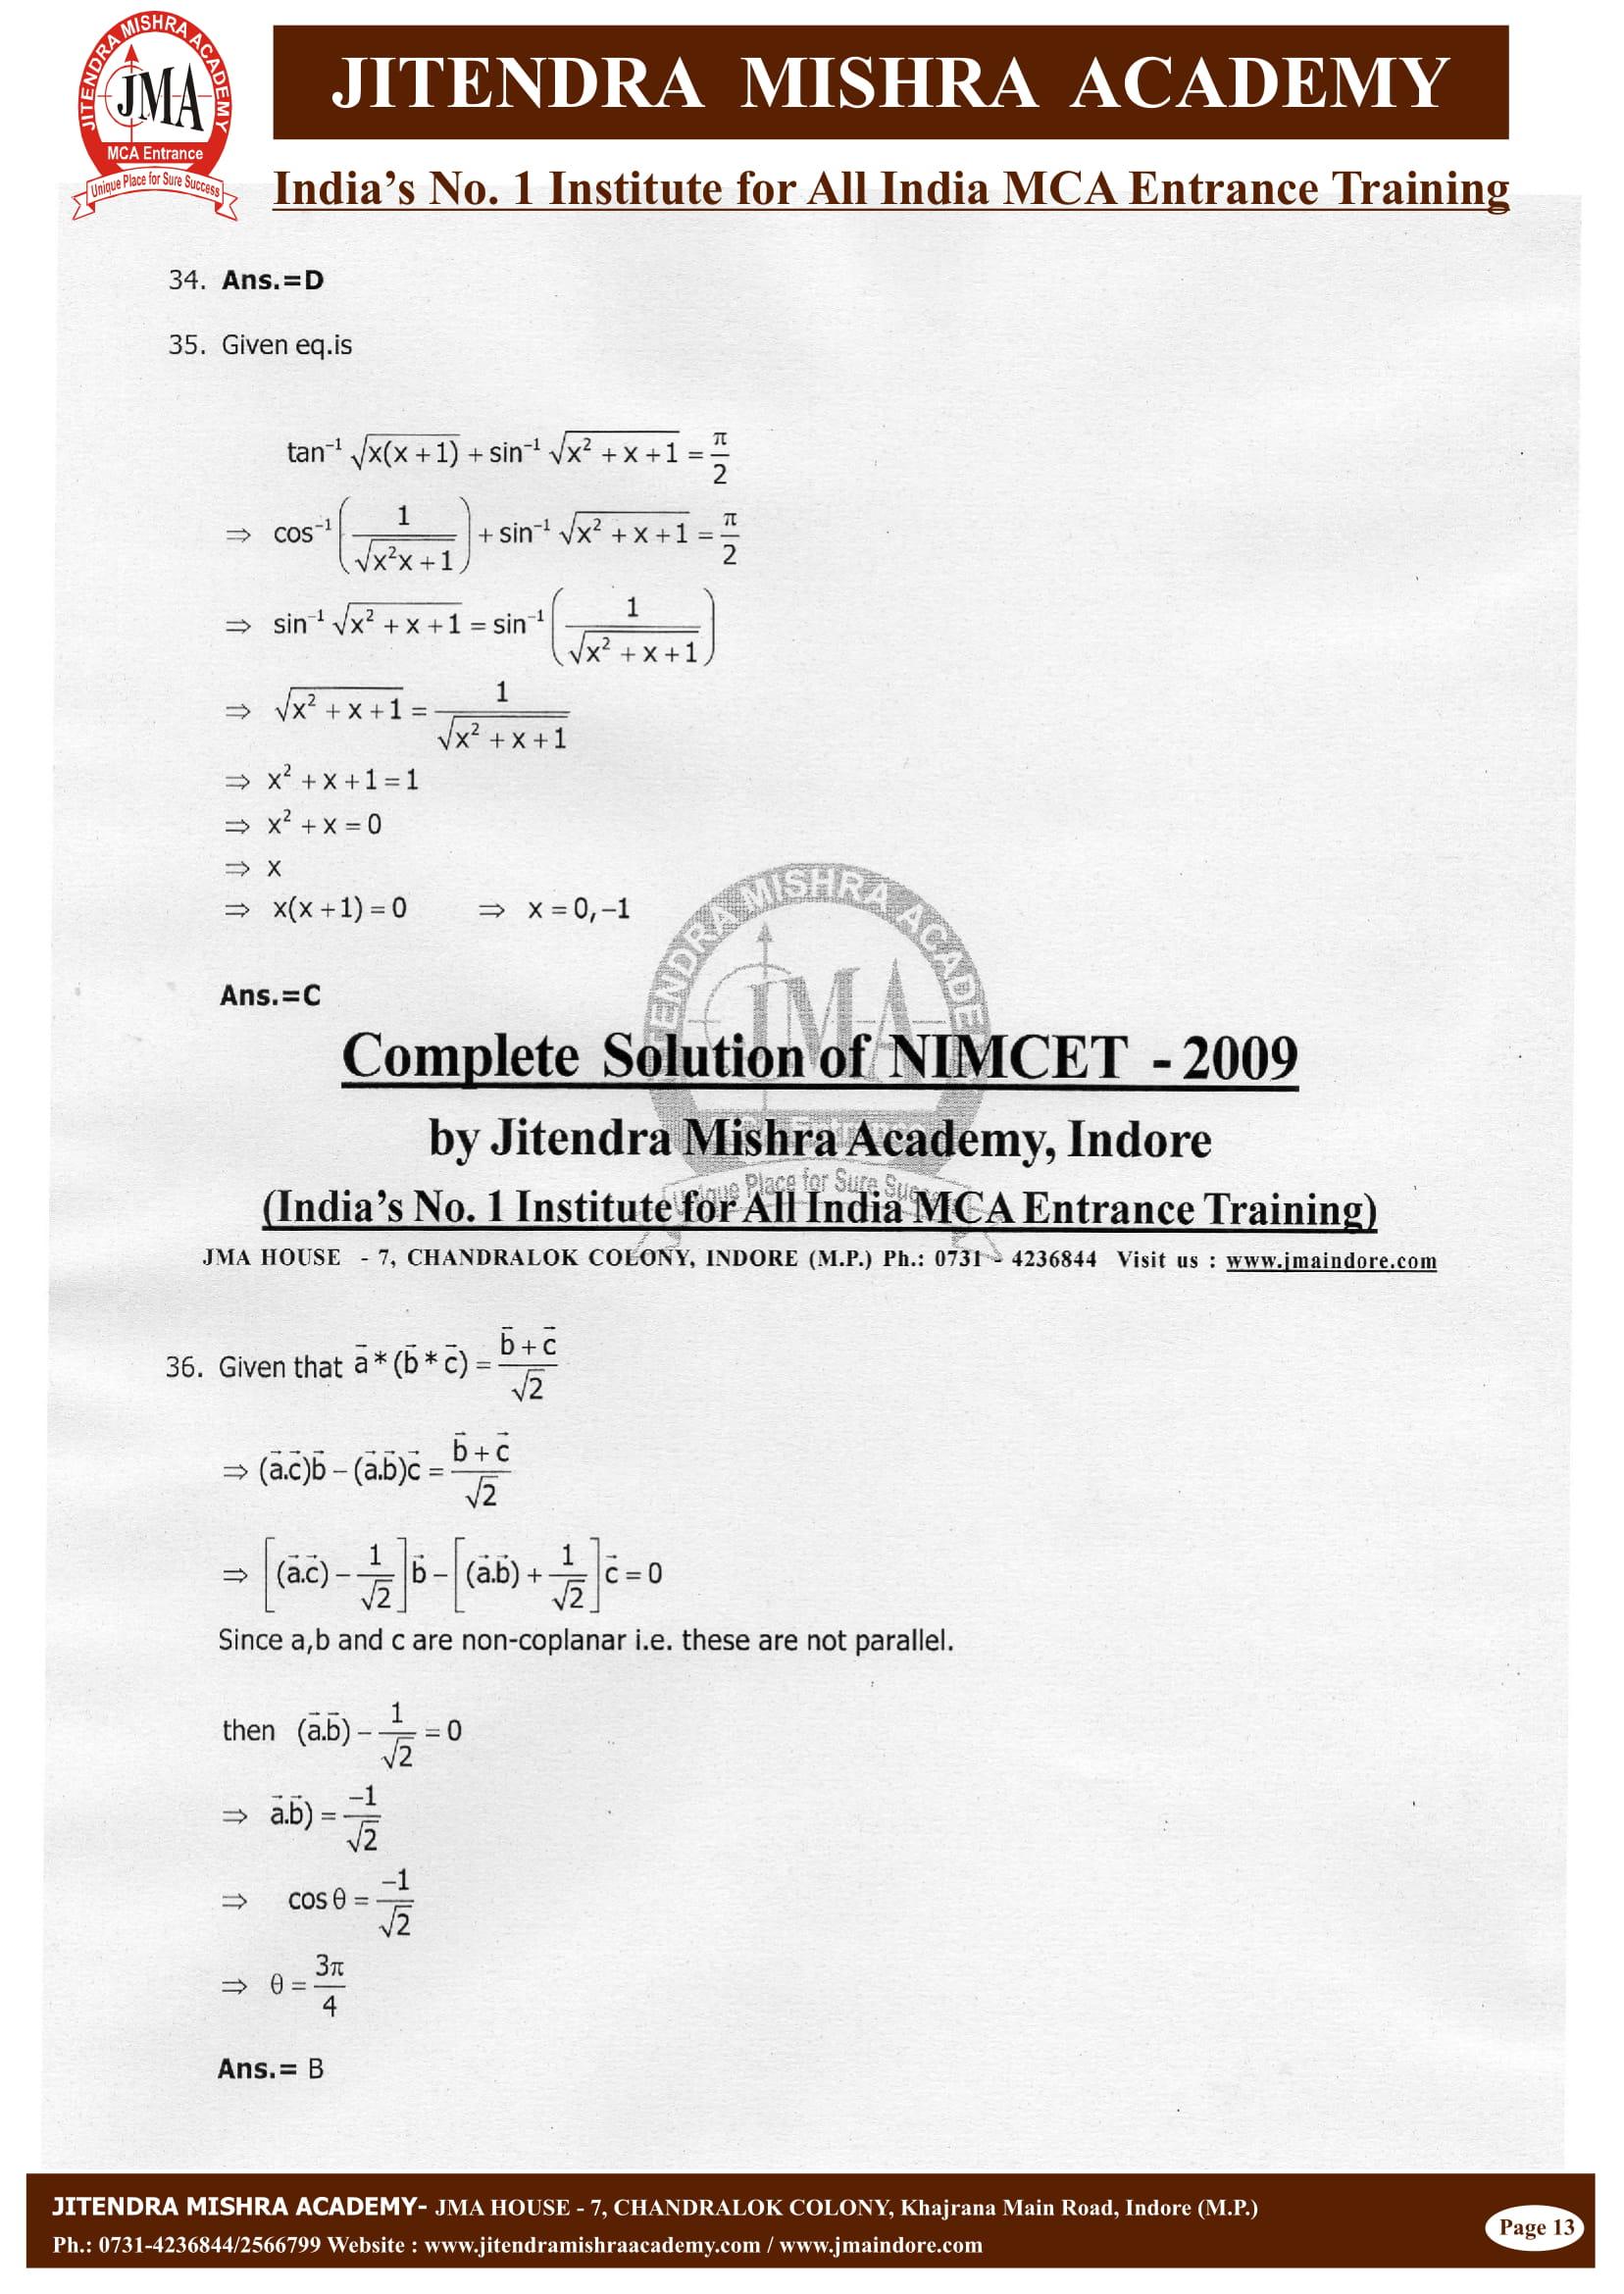 NIMCET - 2009 (SOLUTION)-14